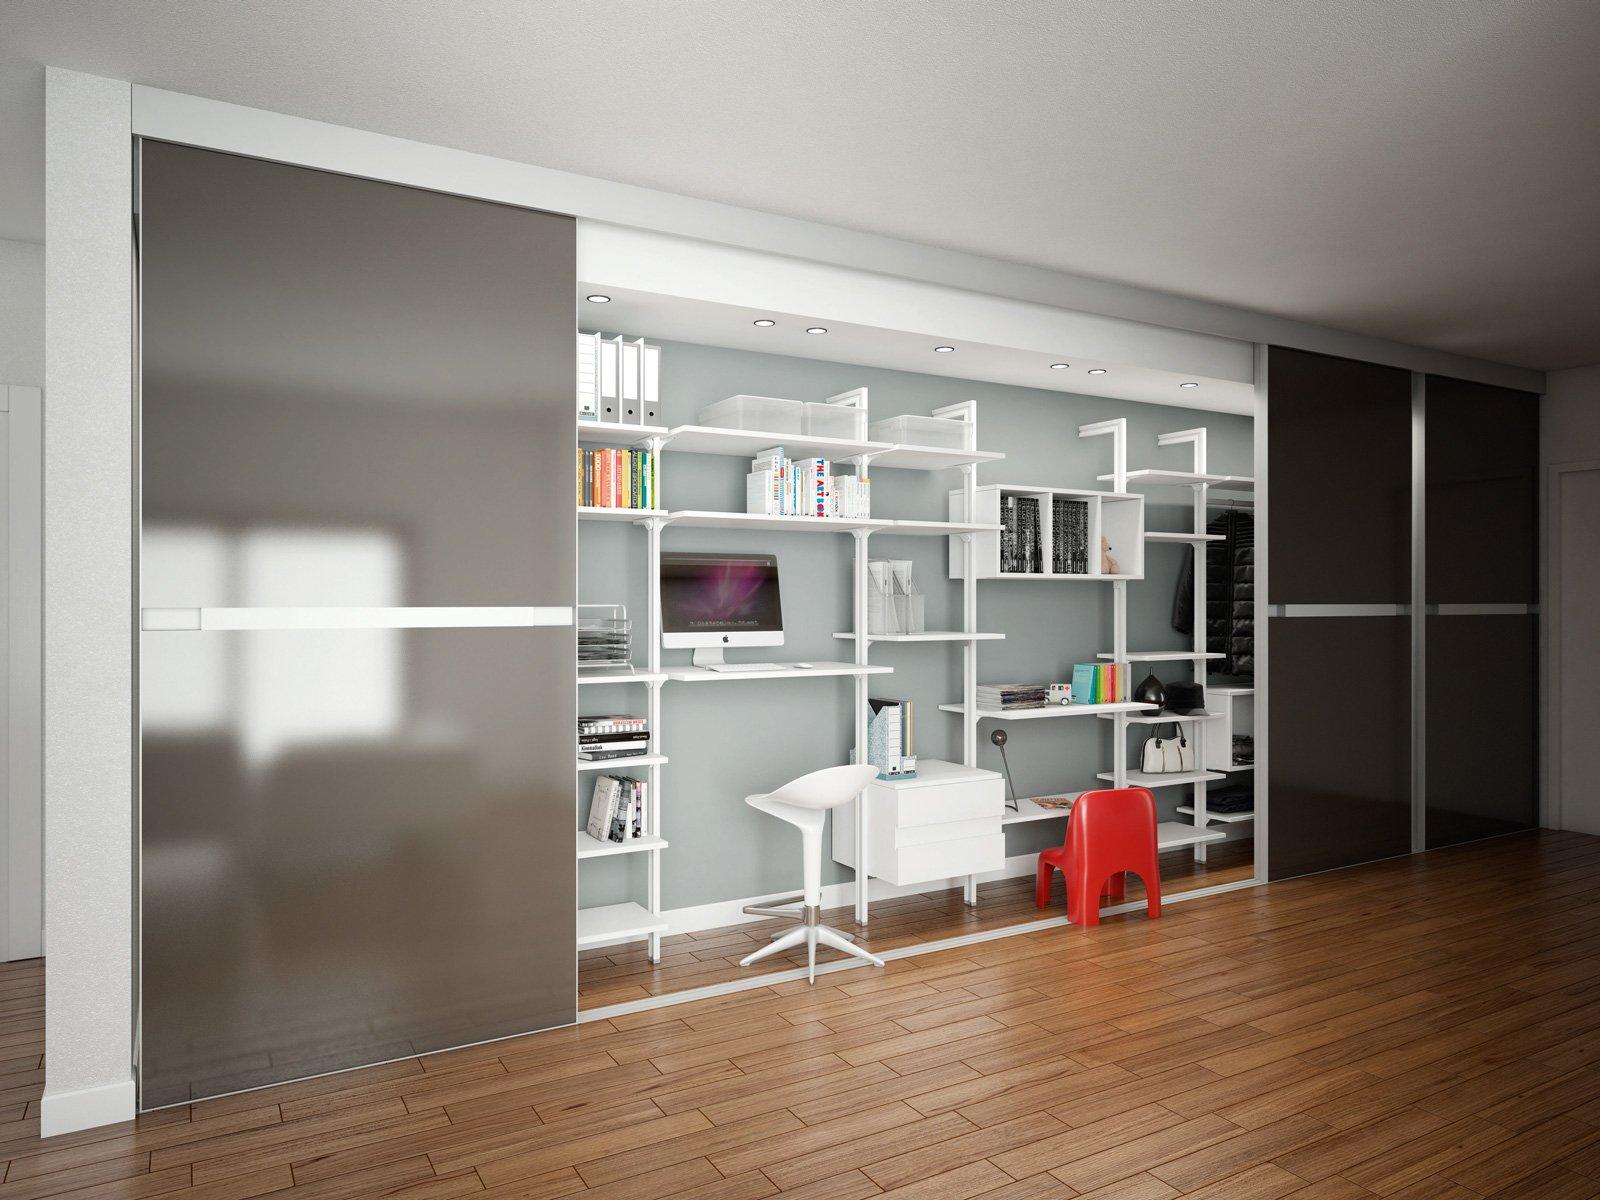 Librerie pareti attrezzate multifunzione cose di casa for Librerie componibili moderne